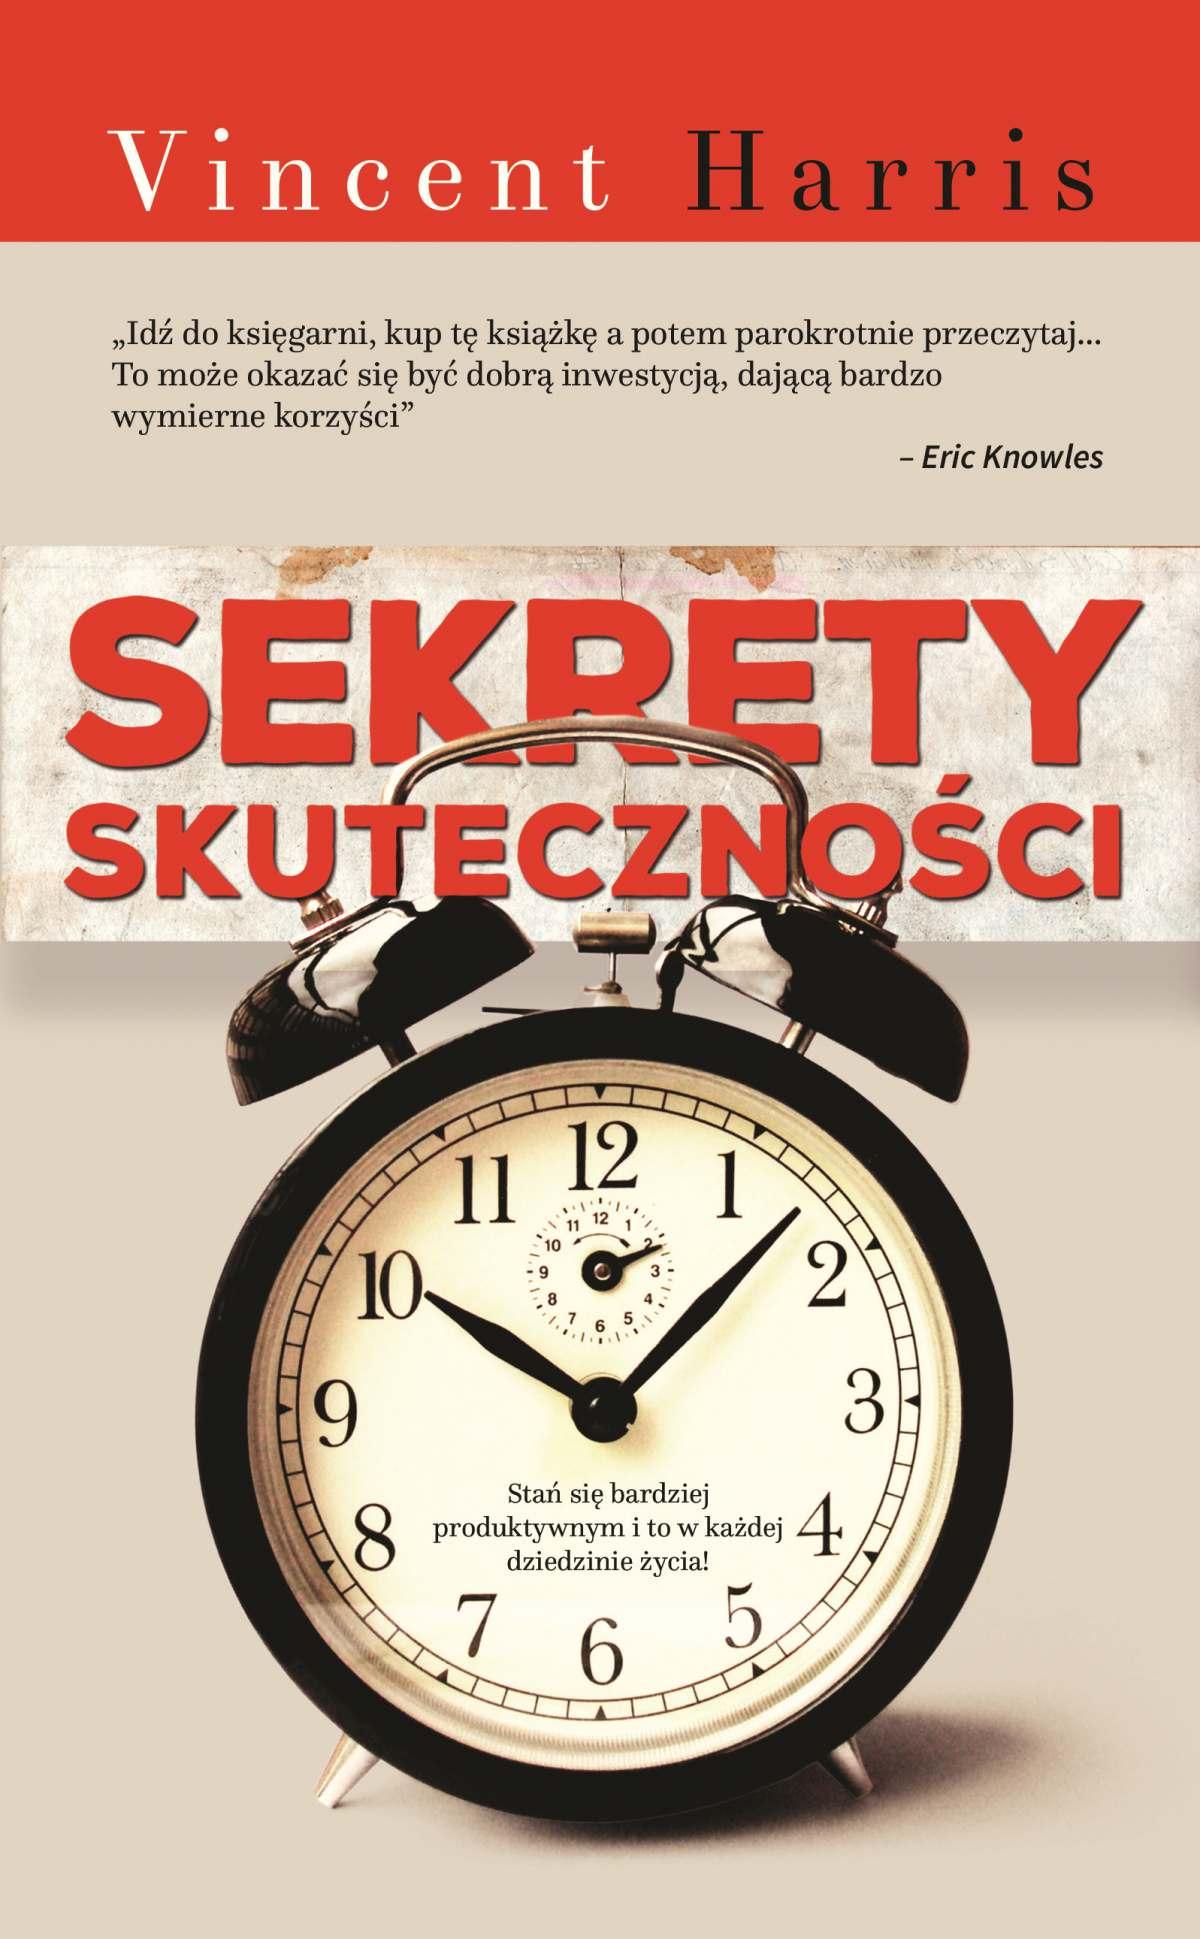 Sekrety skuteczności Stań się bardziej produktywnym i to w każdej dziedzinie życia! - Ebook (Książka na Kindle) do pobrania w formacie MOBI